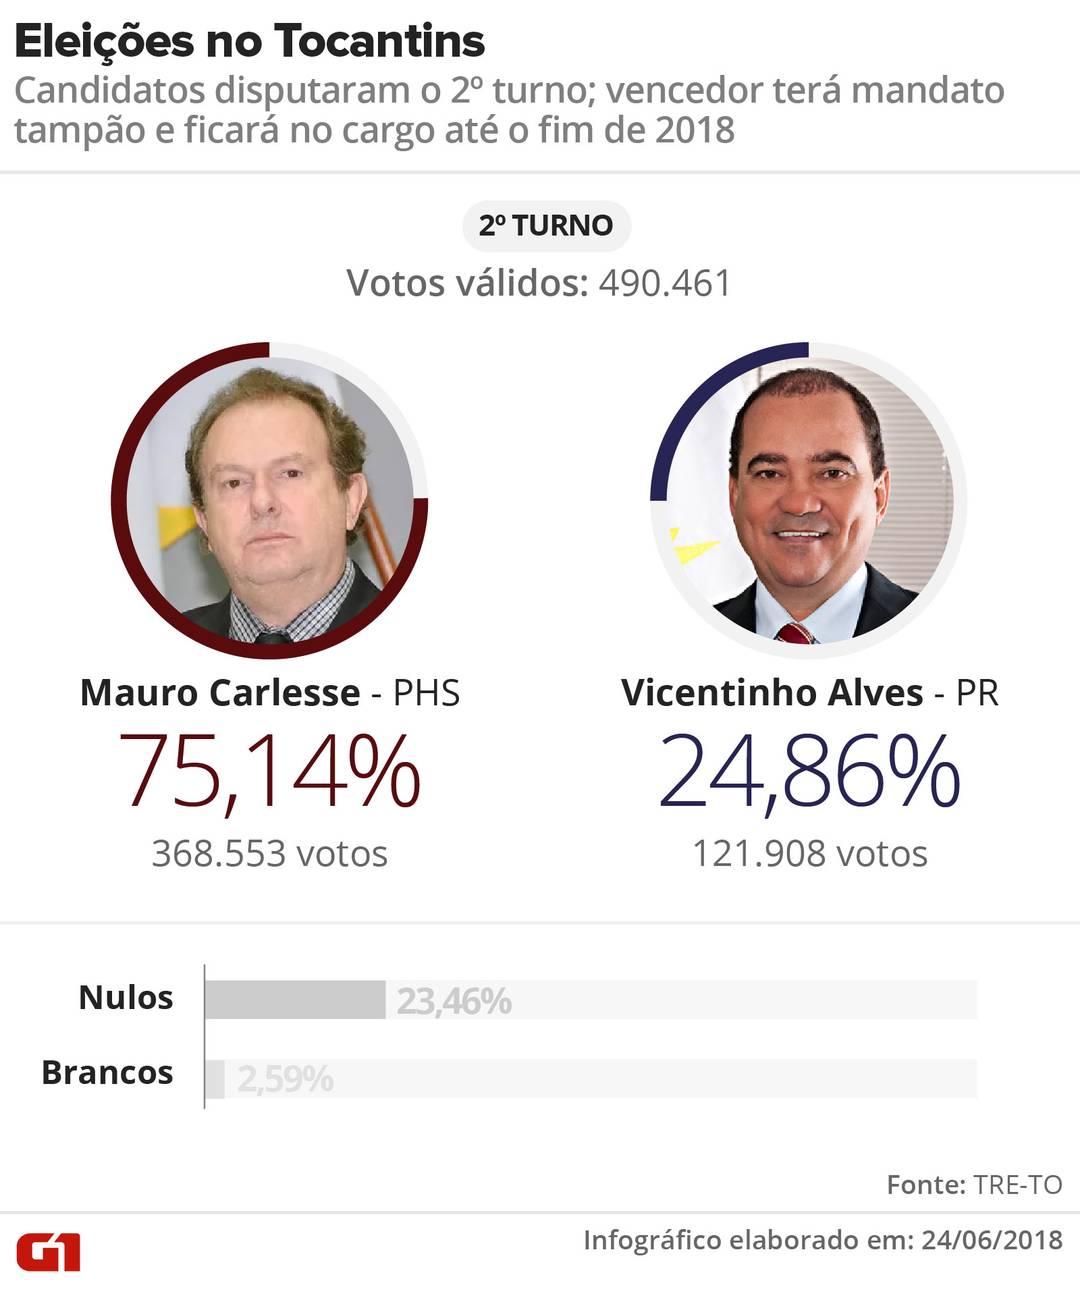 Carlesse vence eleição com mais de 75% dos votos válidos